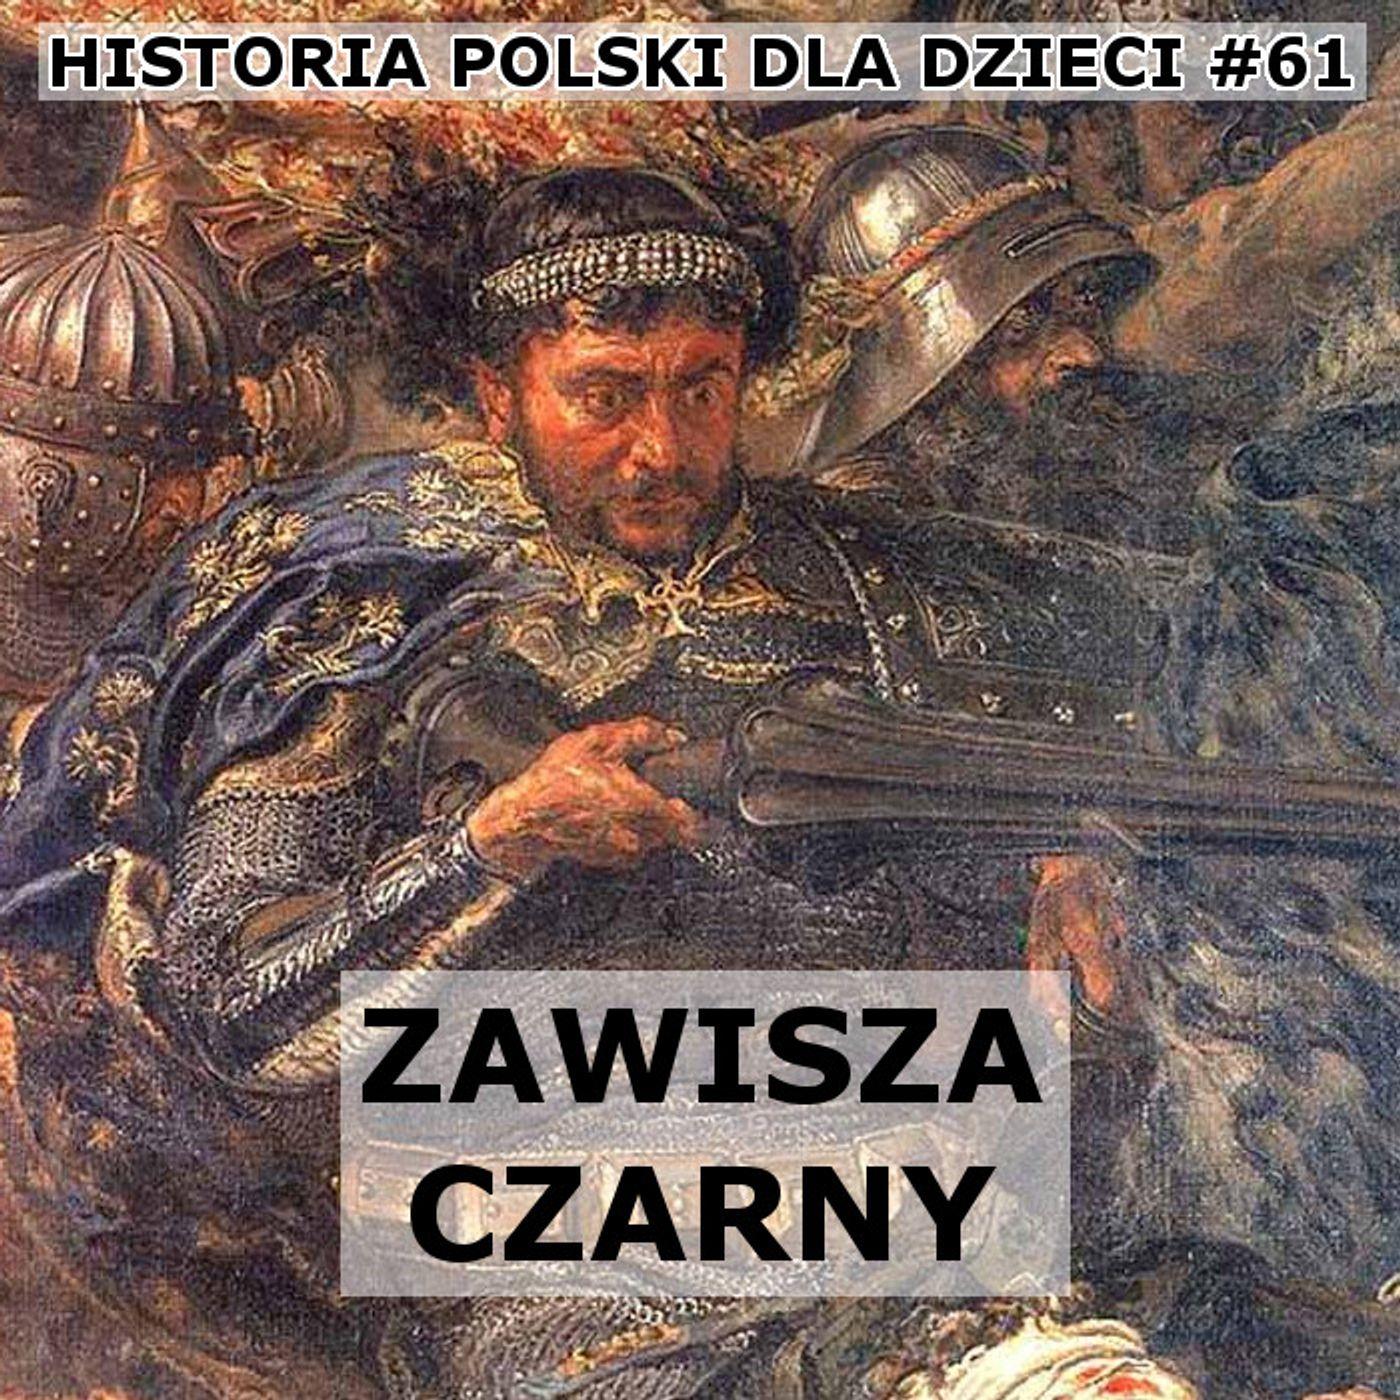 61 - Zawisza Czarny